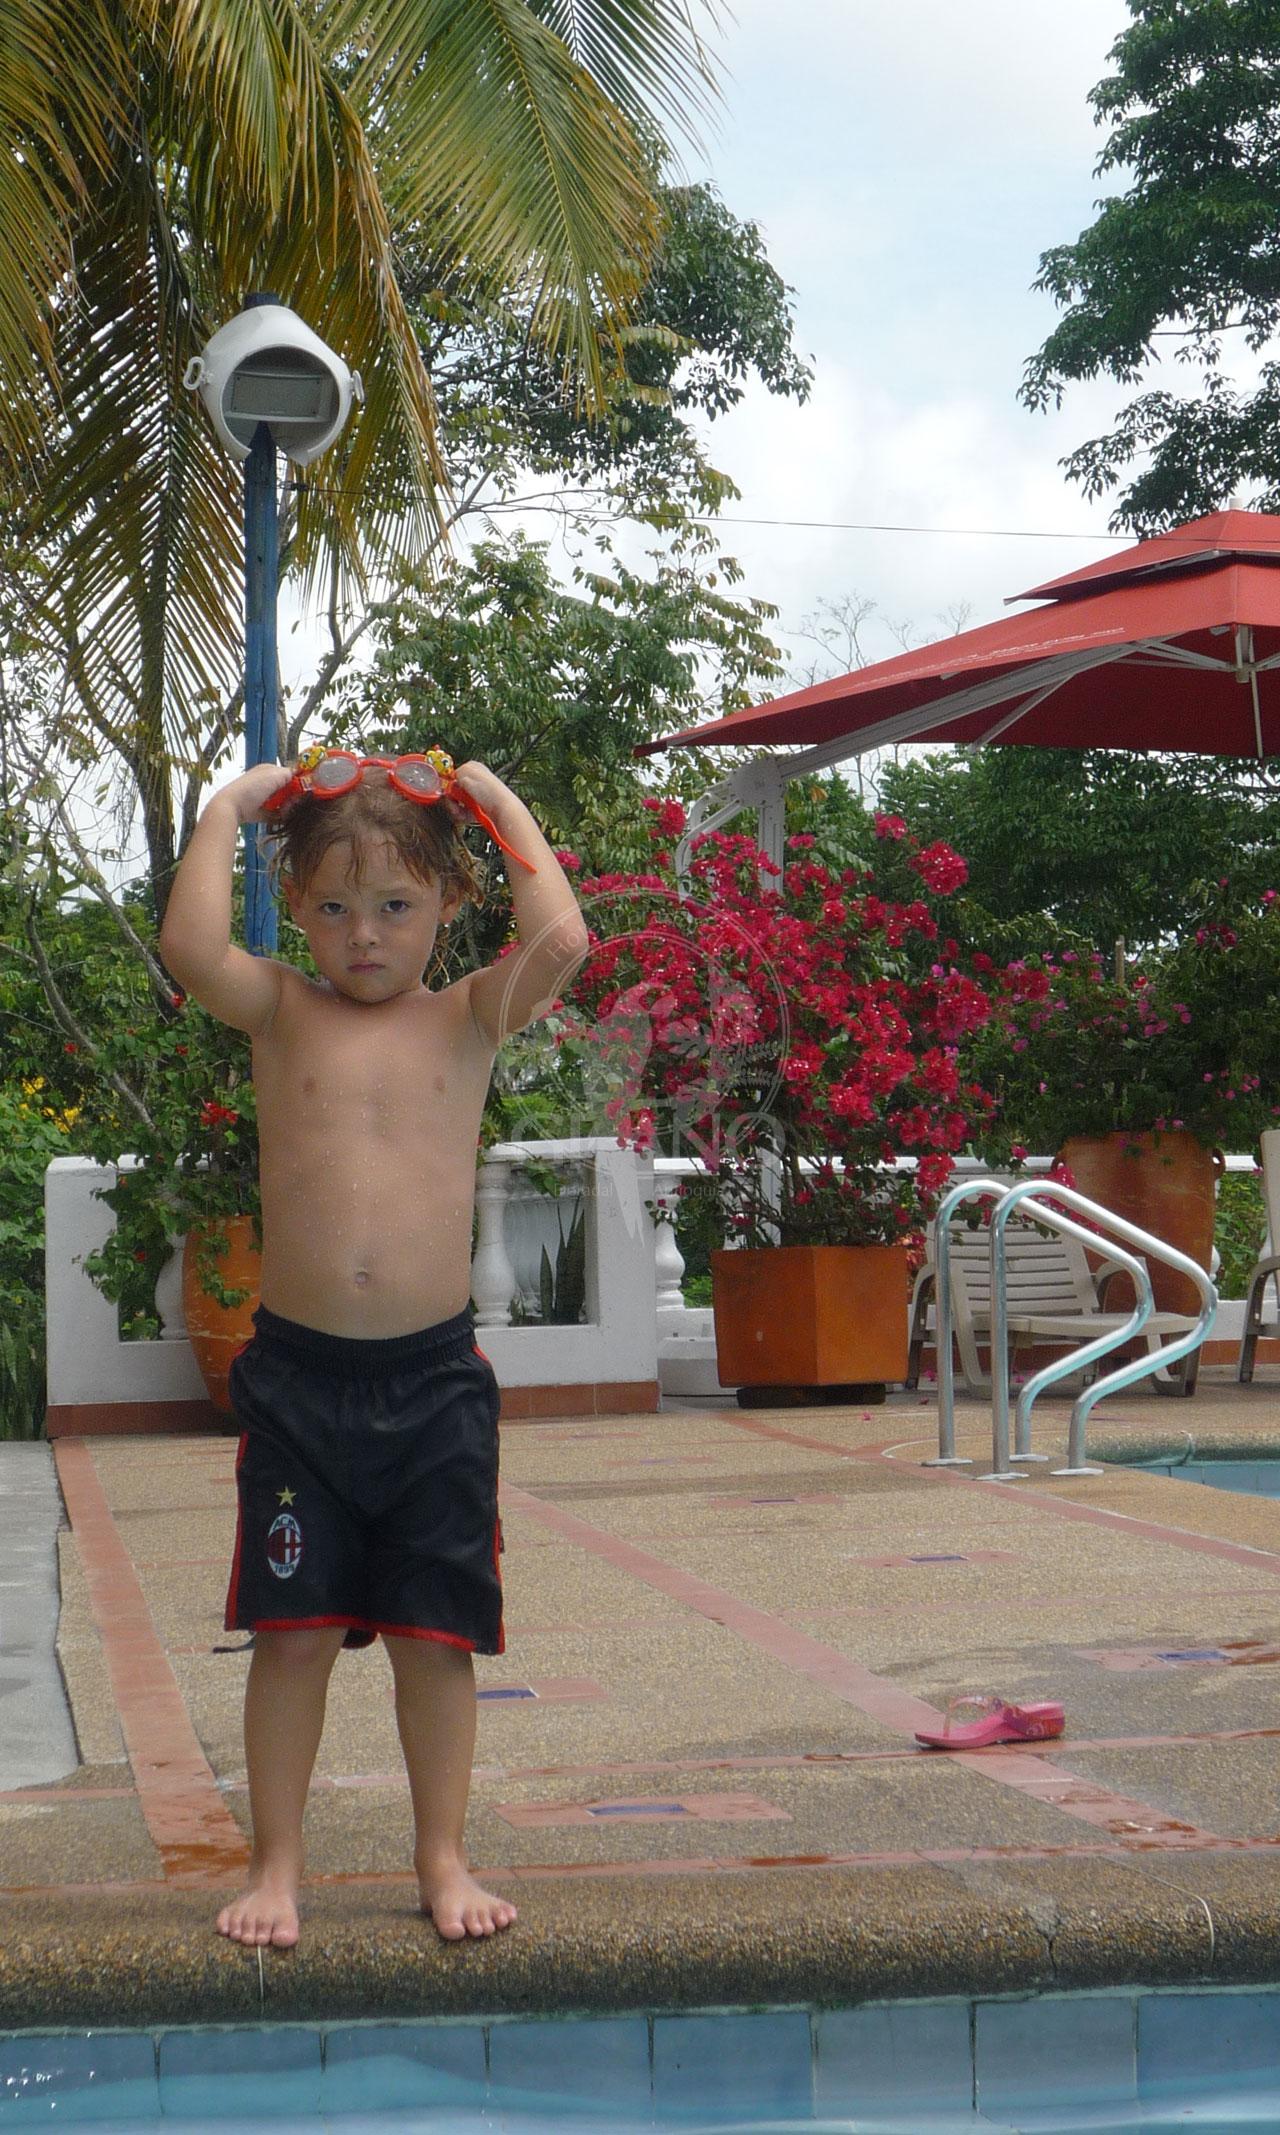 Listo para la piscina - Hotel & Restaurante Parador del gitano - Nápoles - Doradal - Rio claro